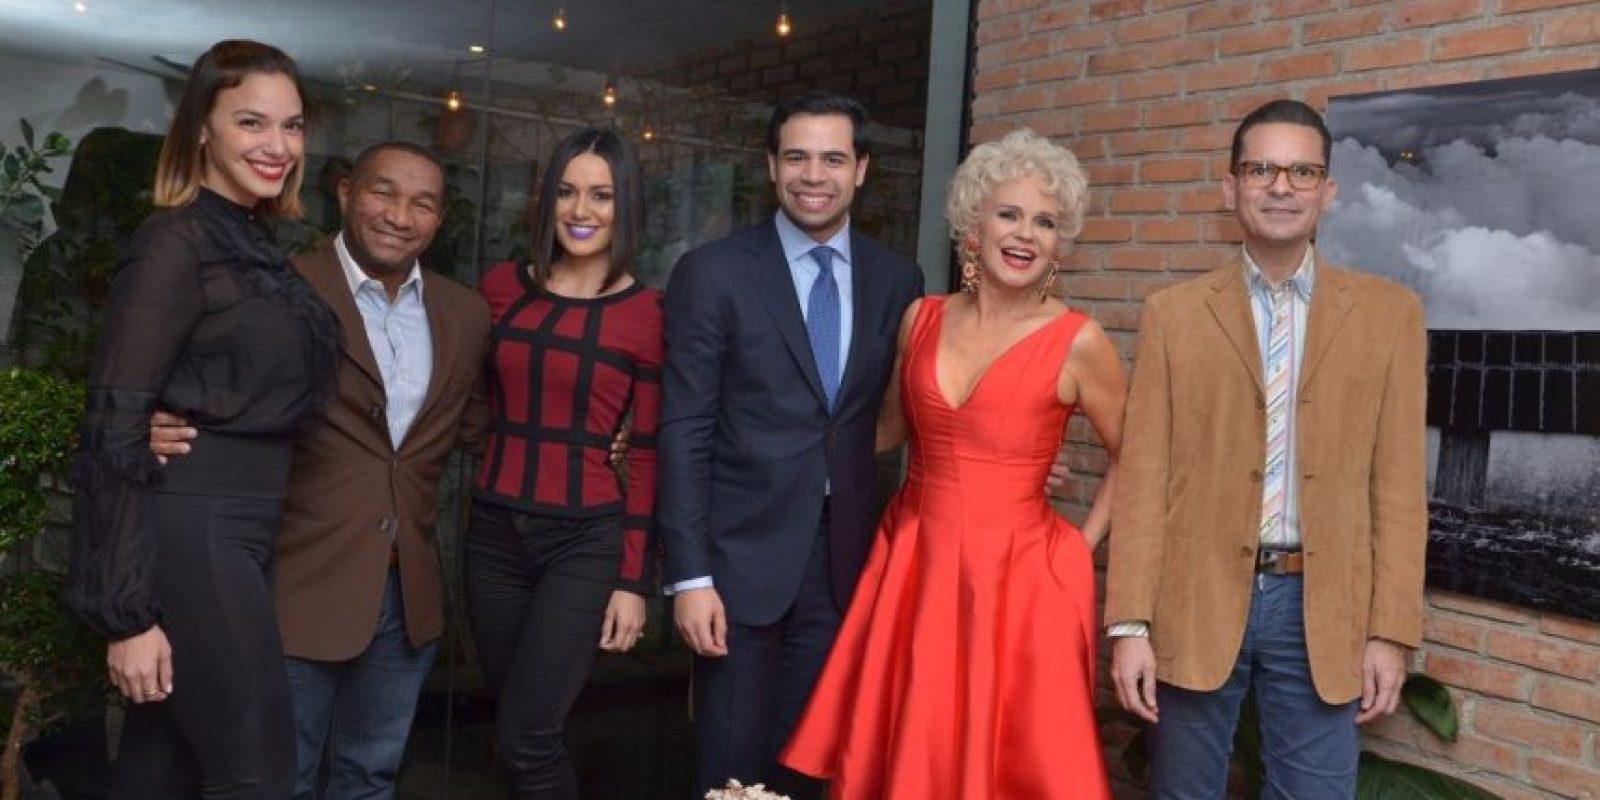 Hony Estrella, Manolo Ozuna, Tueska, Roberto Ángel Salcedo, Charytín Goico y Francisco Sanchís. Foto:Fuente Externa